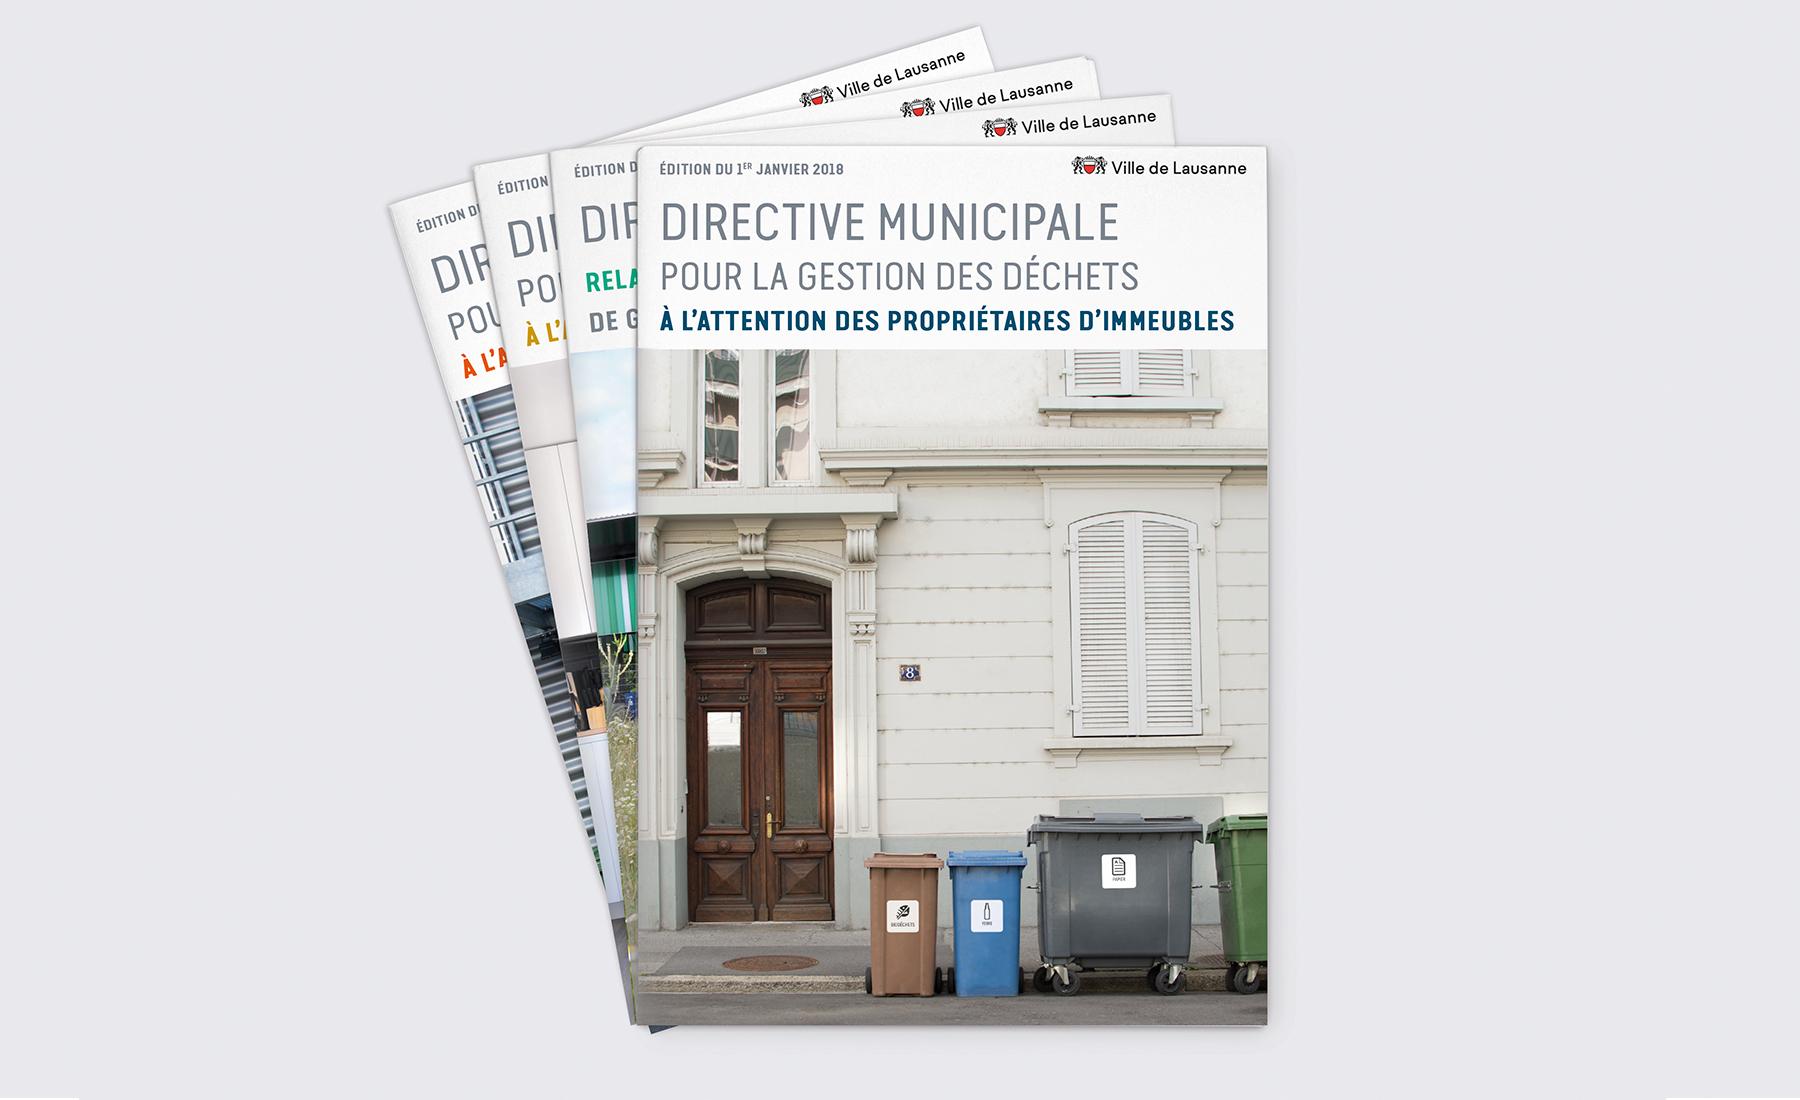 Les 4 brochures des directives municipales 2018 de Lausanne.